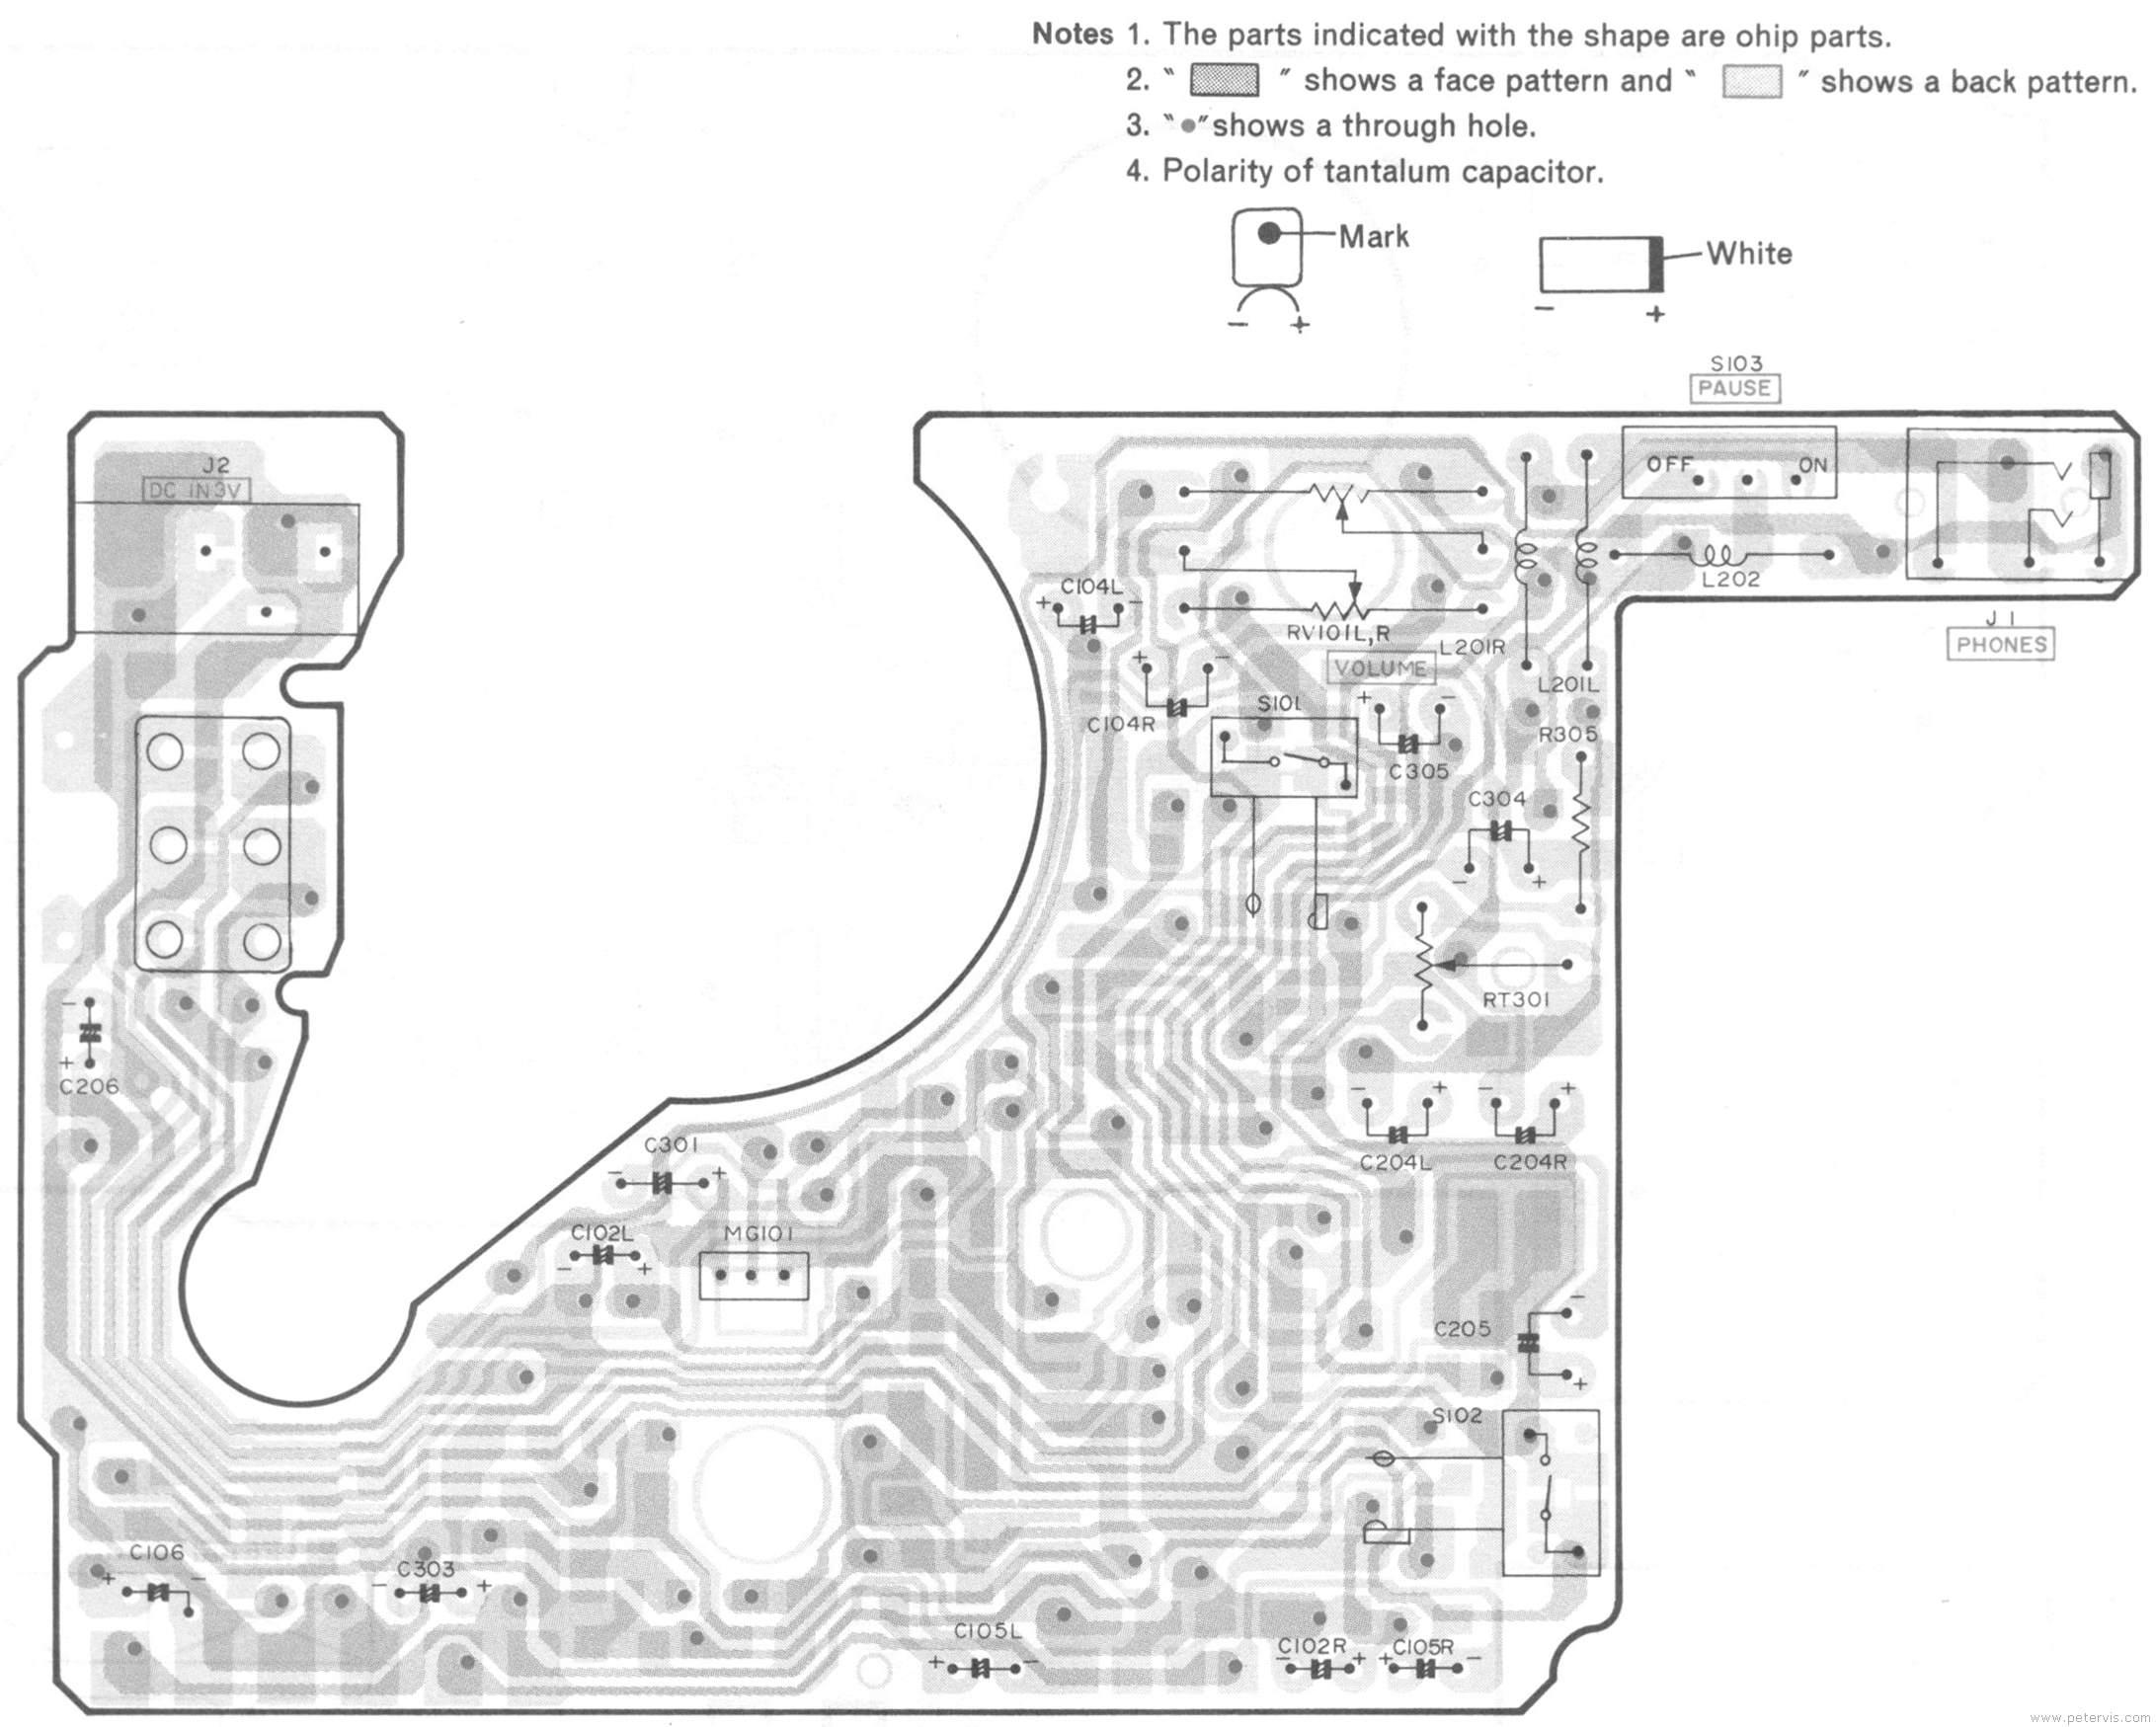 Hitachi CP-88R Circuit Boards